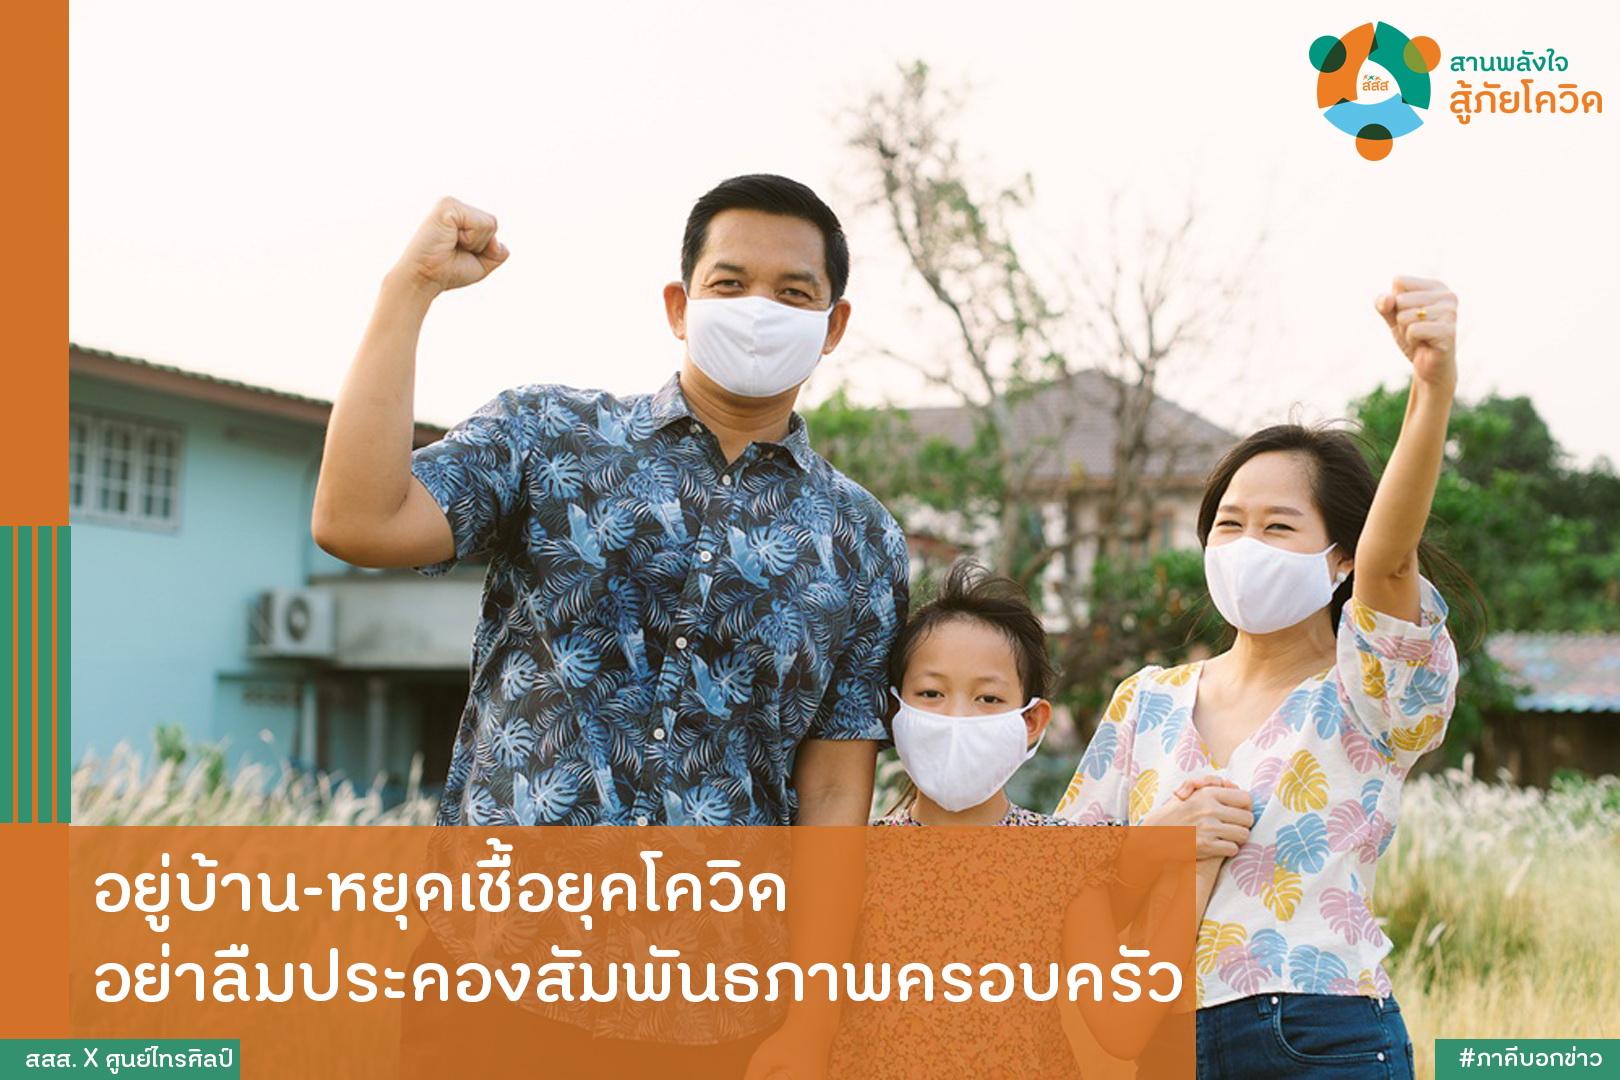 อยู่บ้าน-หยุดเชื้อยุคโควิด อย่าลืมประคองสัมพันธภาพครอบครัว thaihealth